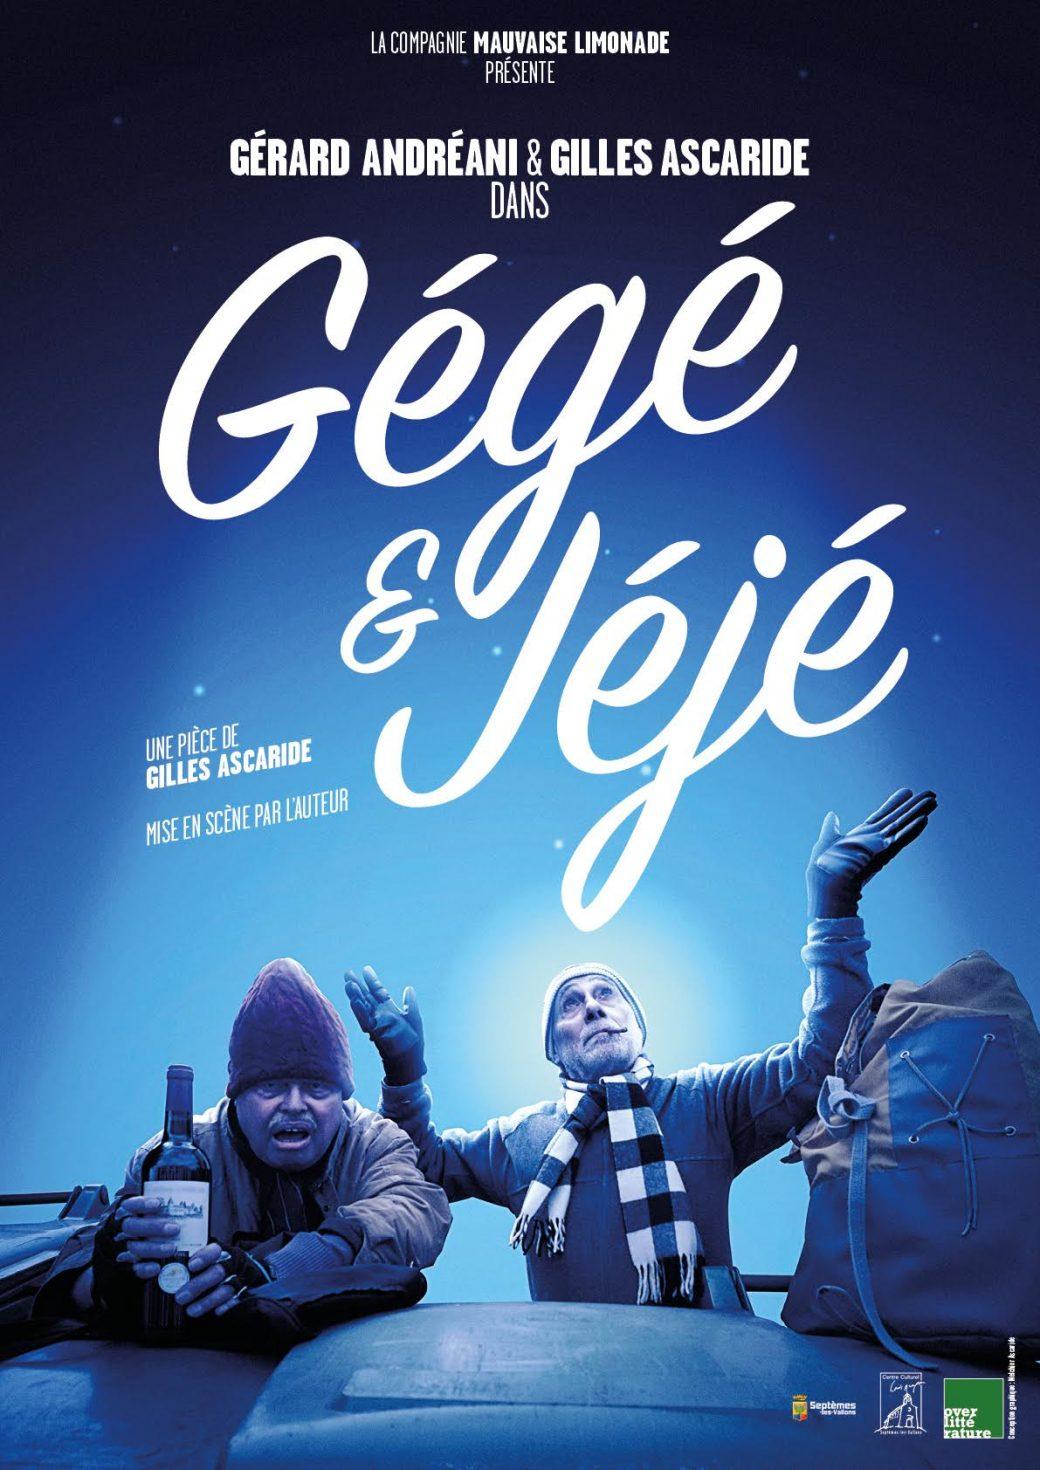 Gégé et Jéjé, pièce de Gilles Ascaride, par Gérard Andréani et Gilles Ascaride, affiche